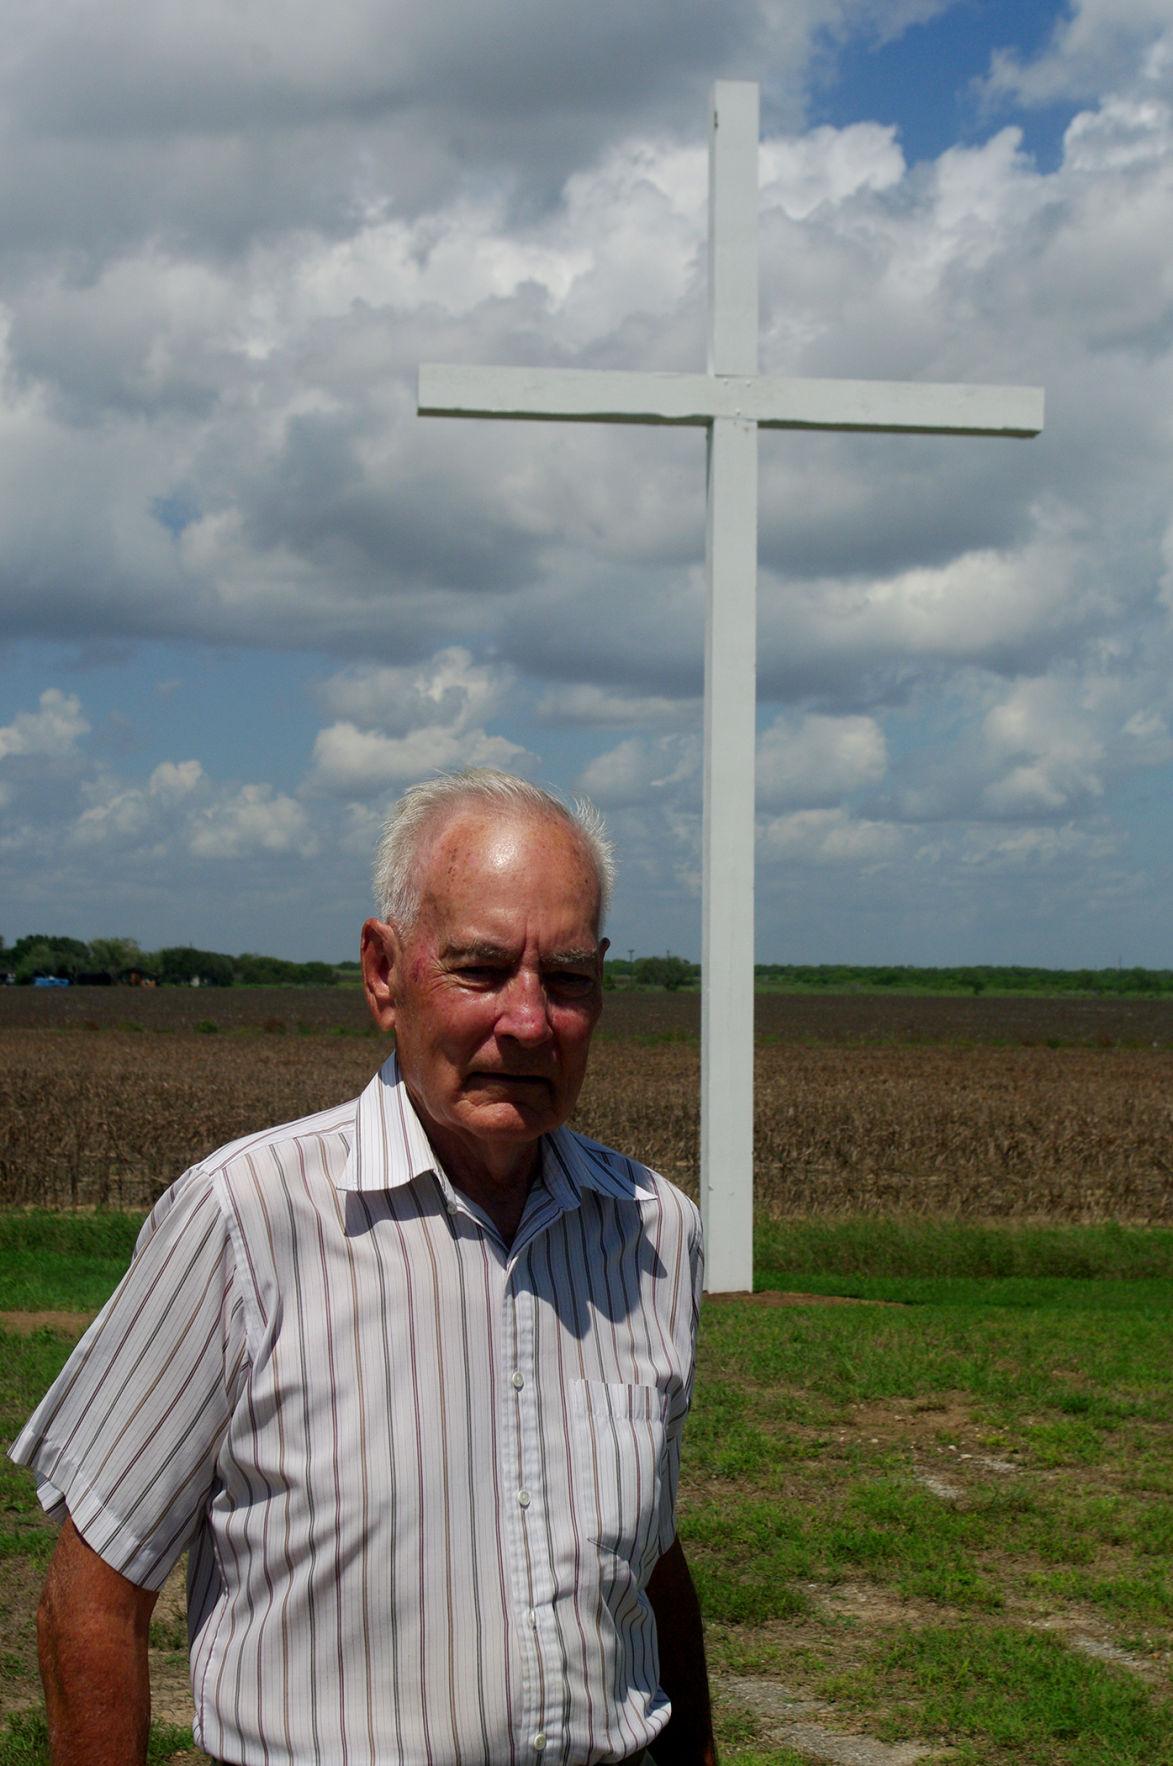 Vattmann cross